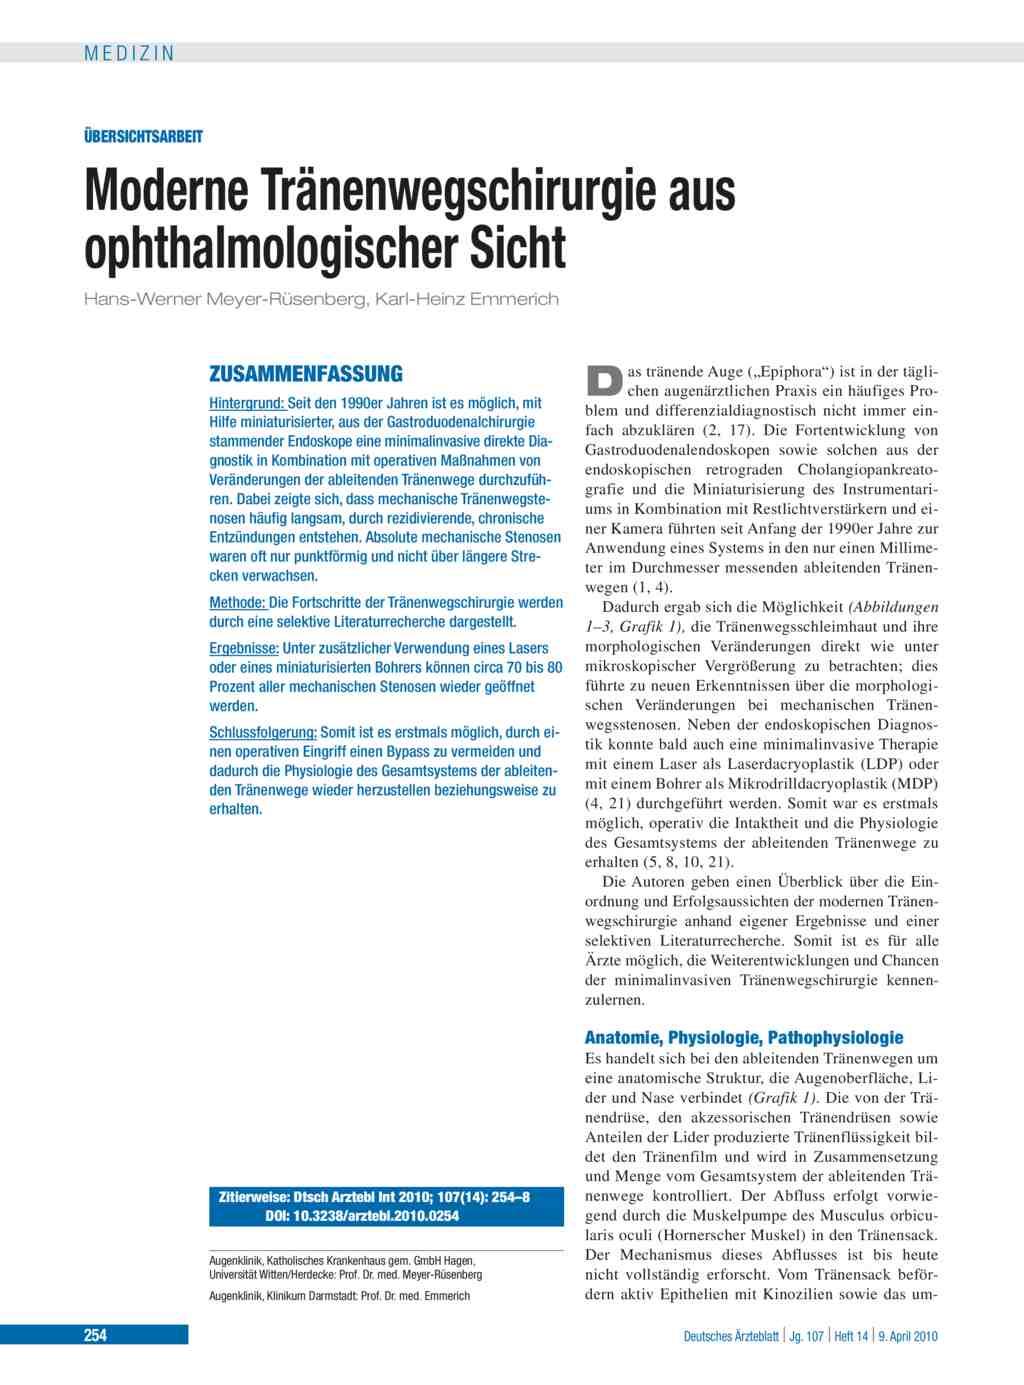 Moderne Tränenwegschirurgie aus ophthalmologischer Sicht